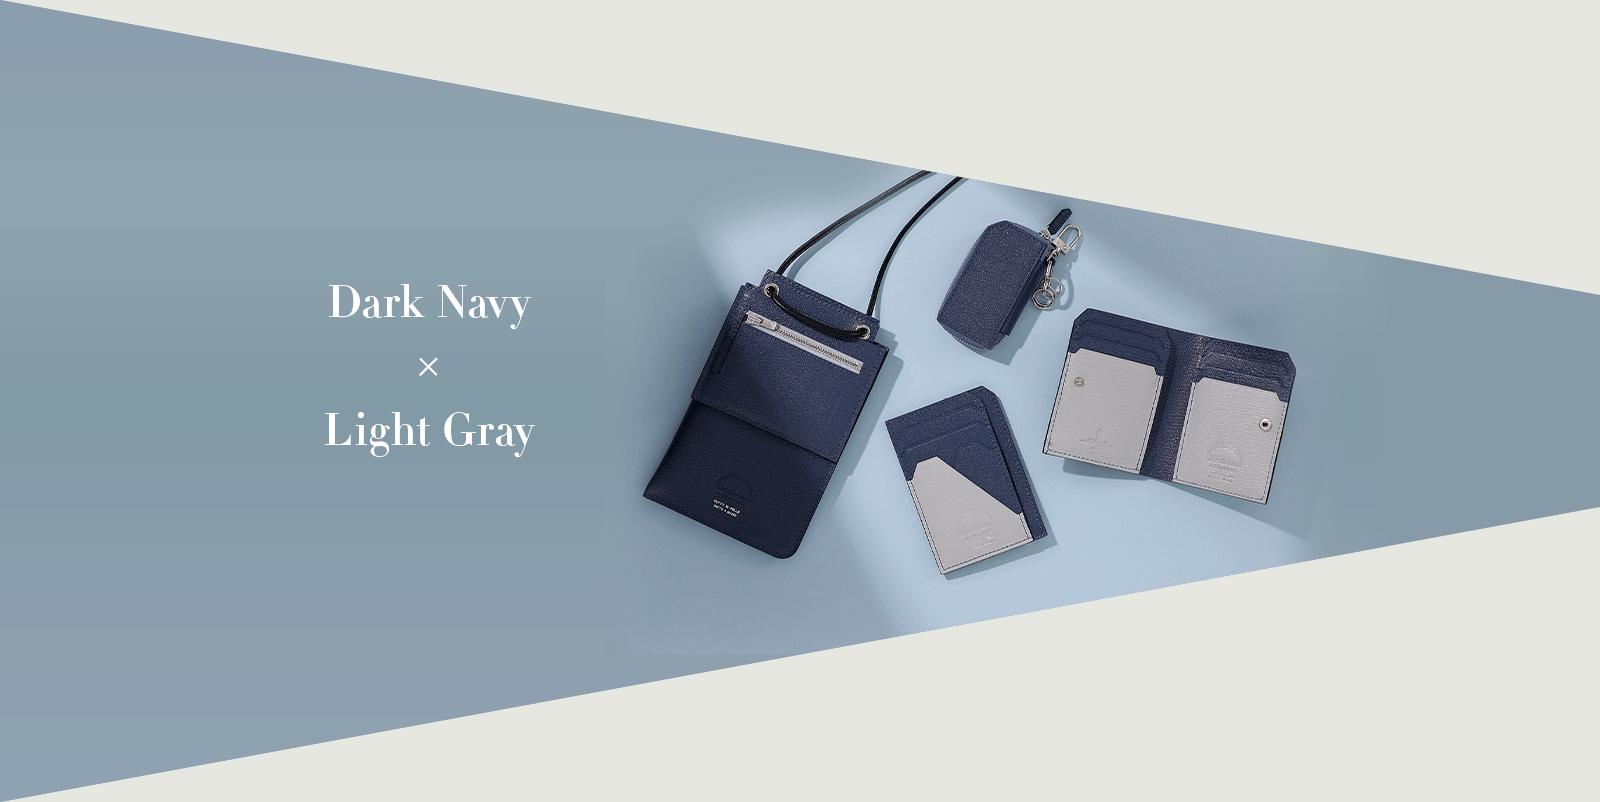 Dark Navy × Light Gray